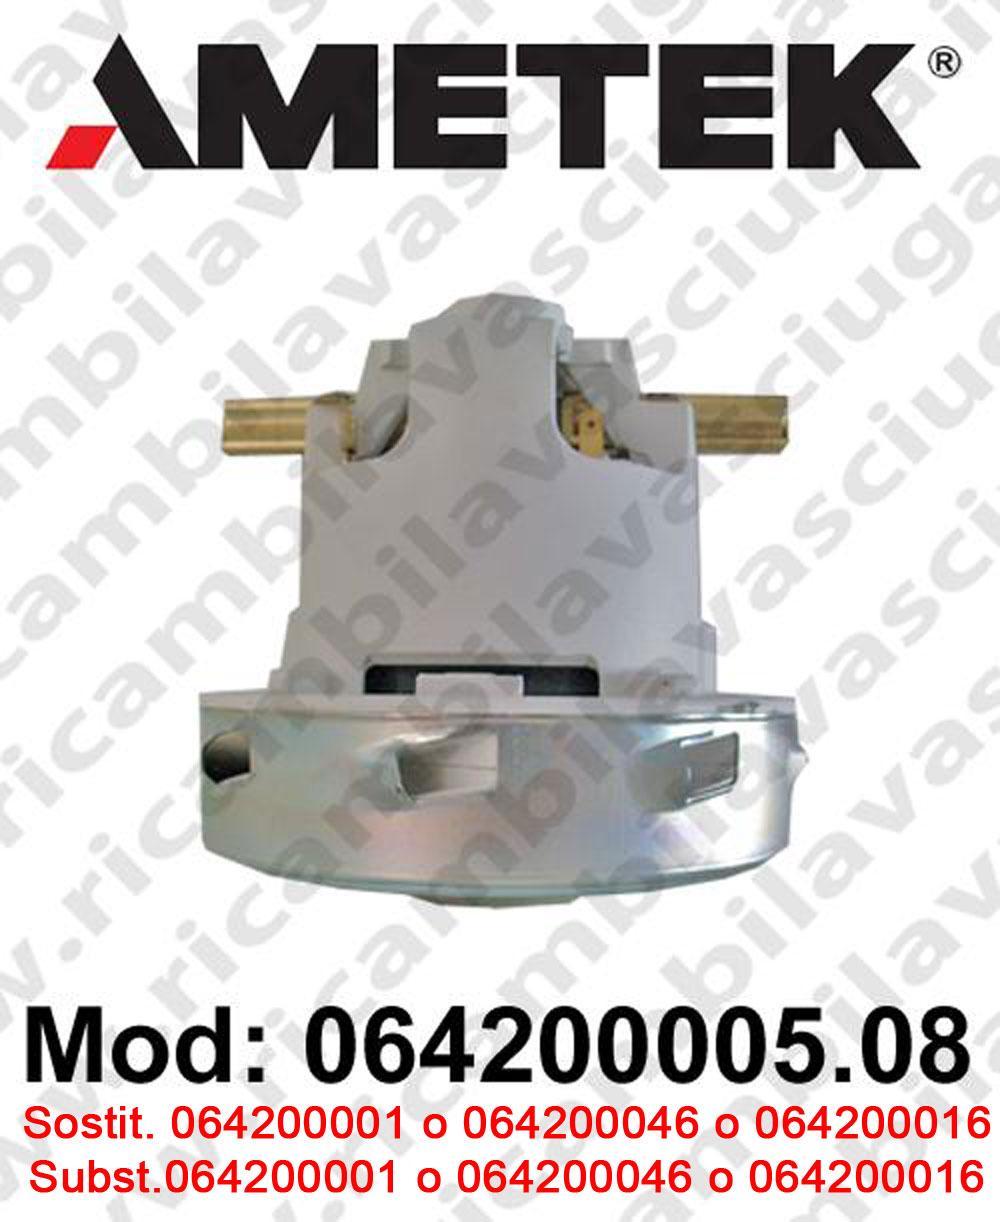 Motore aspirazione AMETEK modello 064200005.08 per lavapavimenti/aspirapolvere